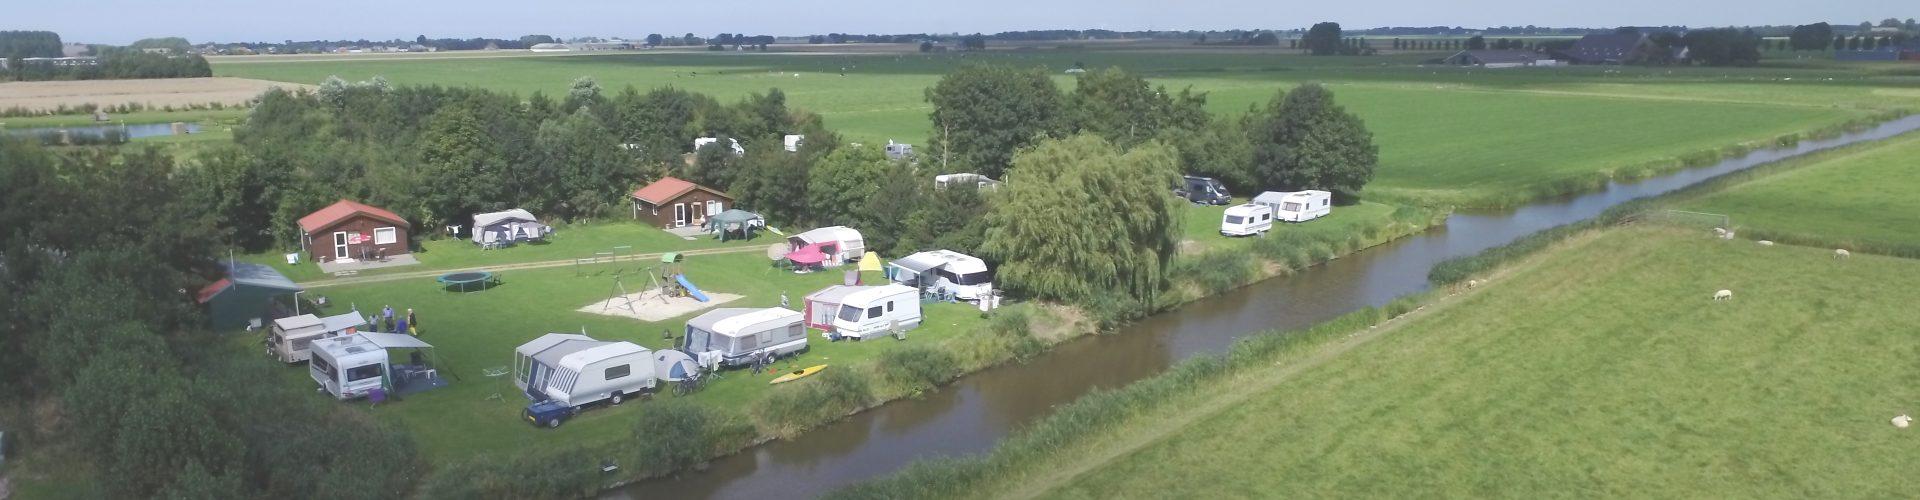 Vakantiewoning, boerderijcamping in friesland aan het water